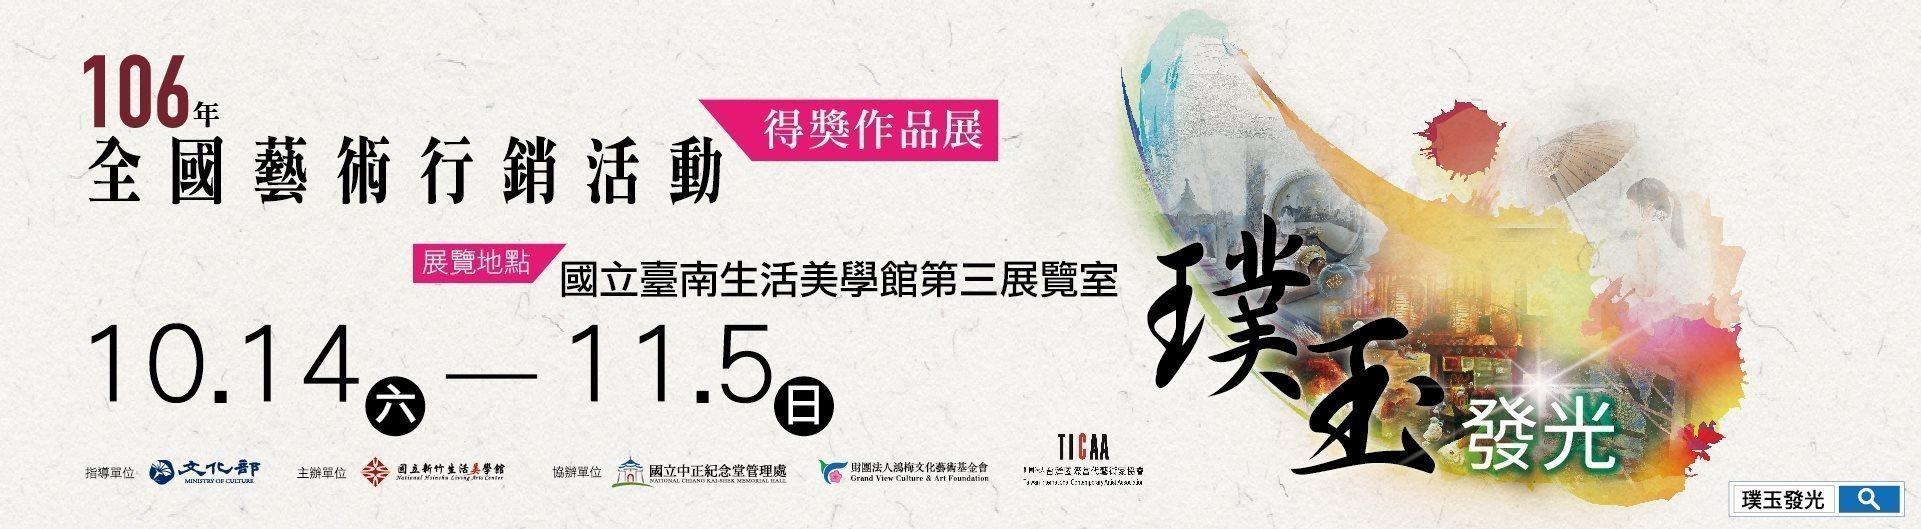 106年「璞玉發光-全國藝術行銷活動」得獎作品巡迴展